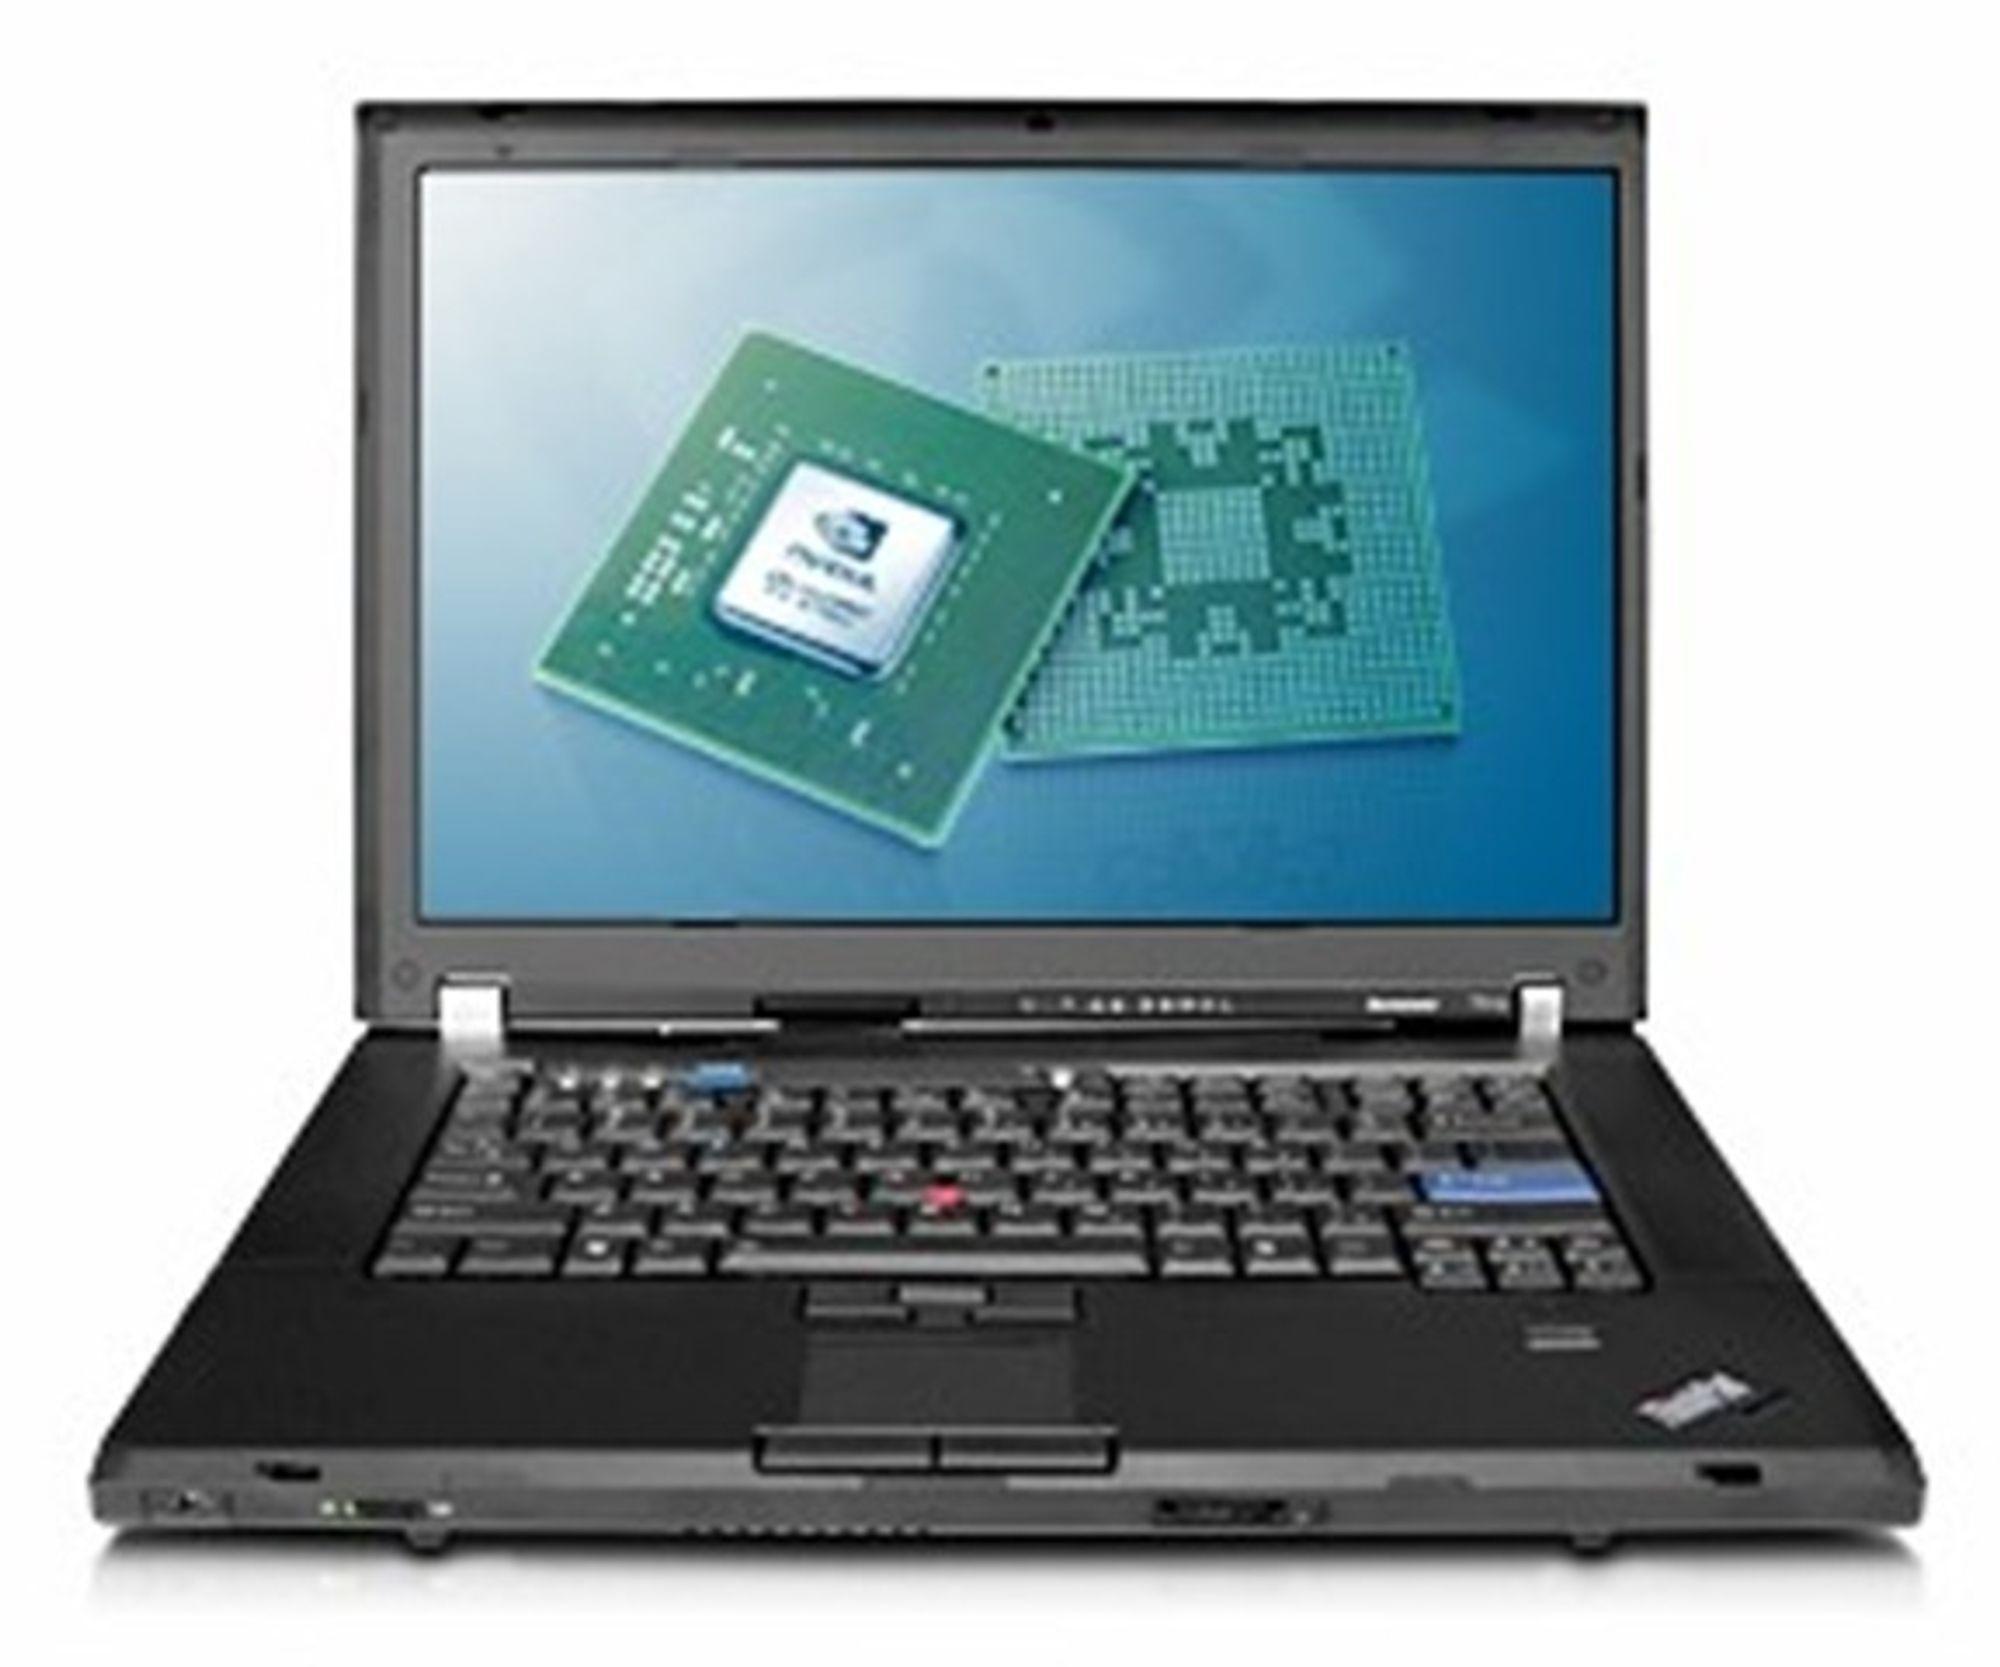 Lenovo Thinkpad T61p.